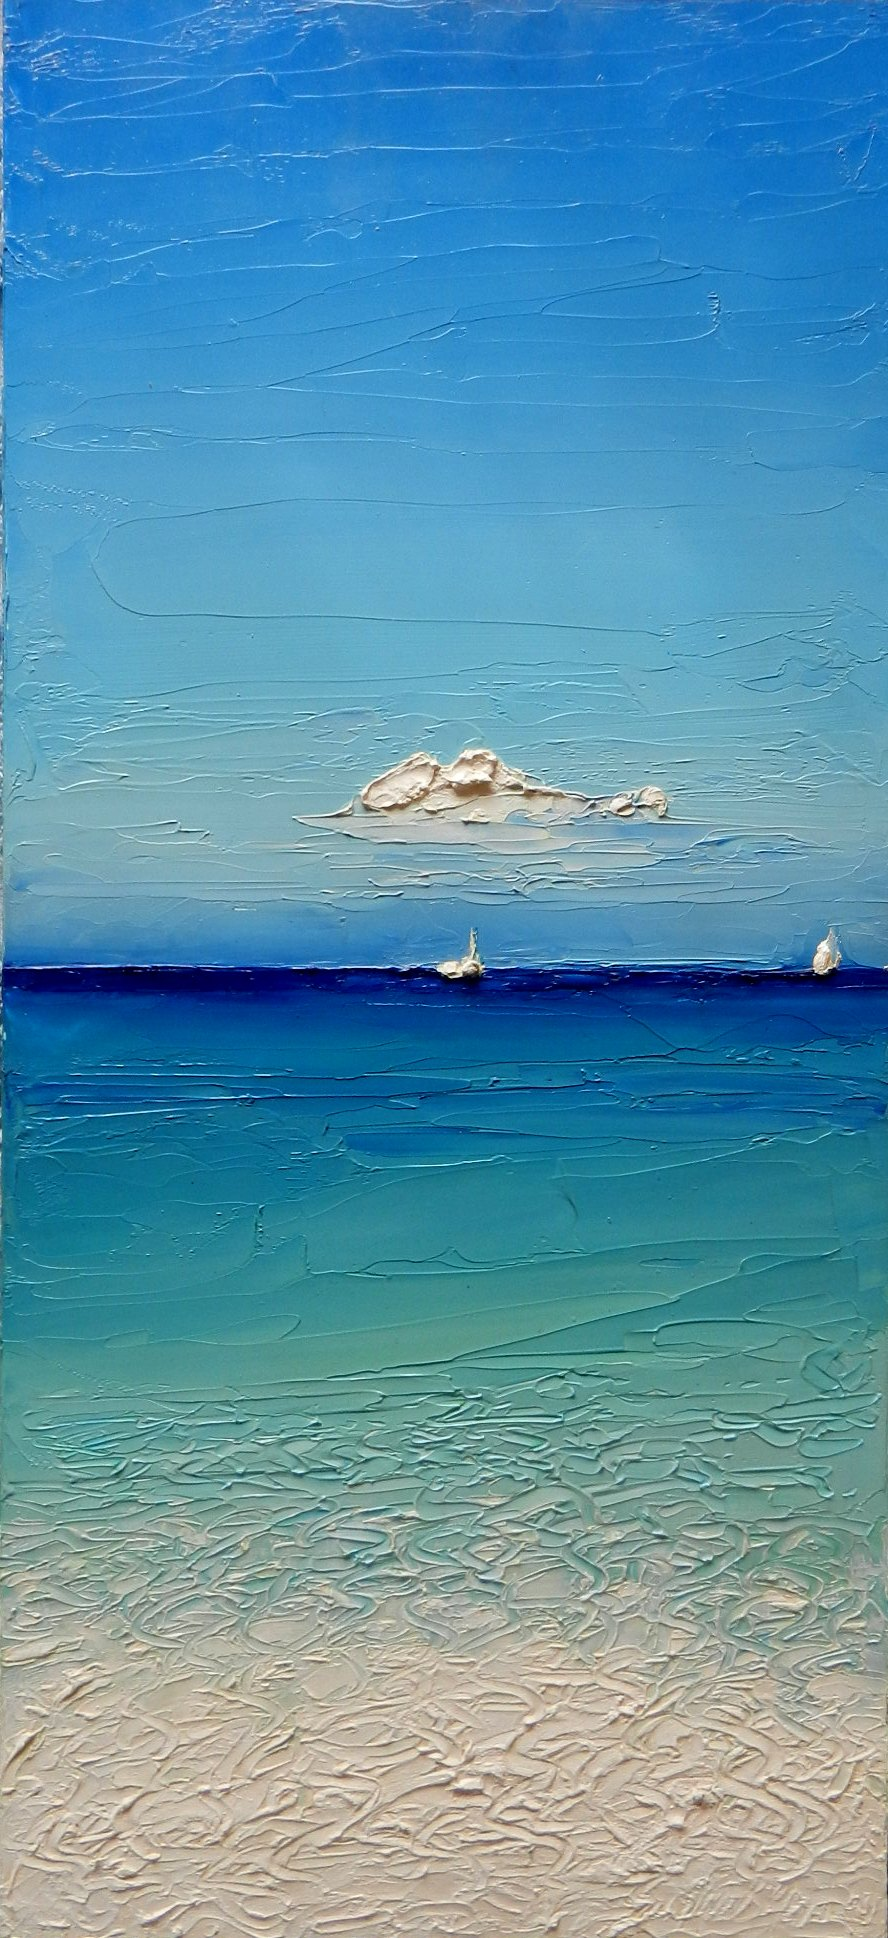 spesso Mare e nuvole - dipinto a spatola di Davide Sigillò LP33